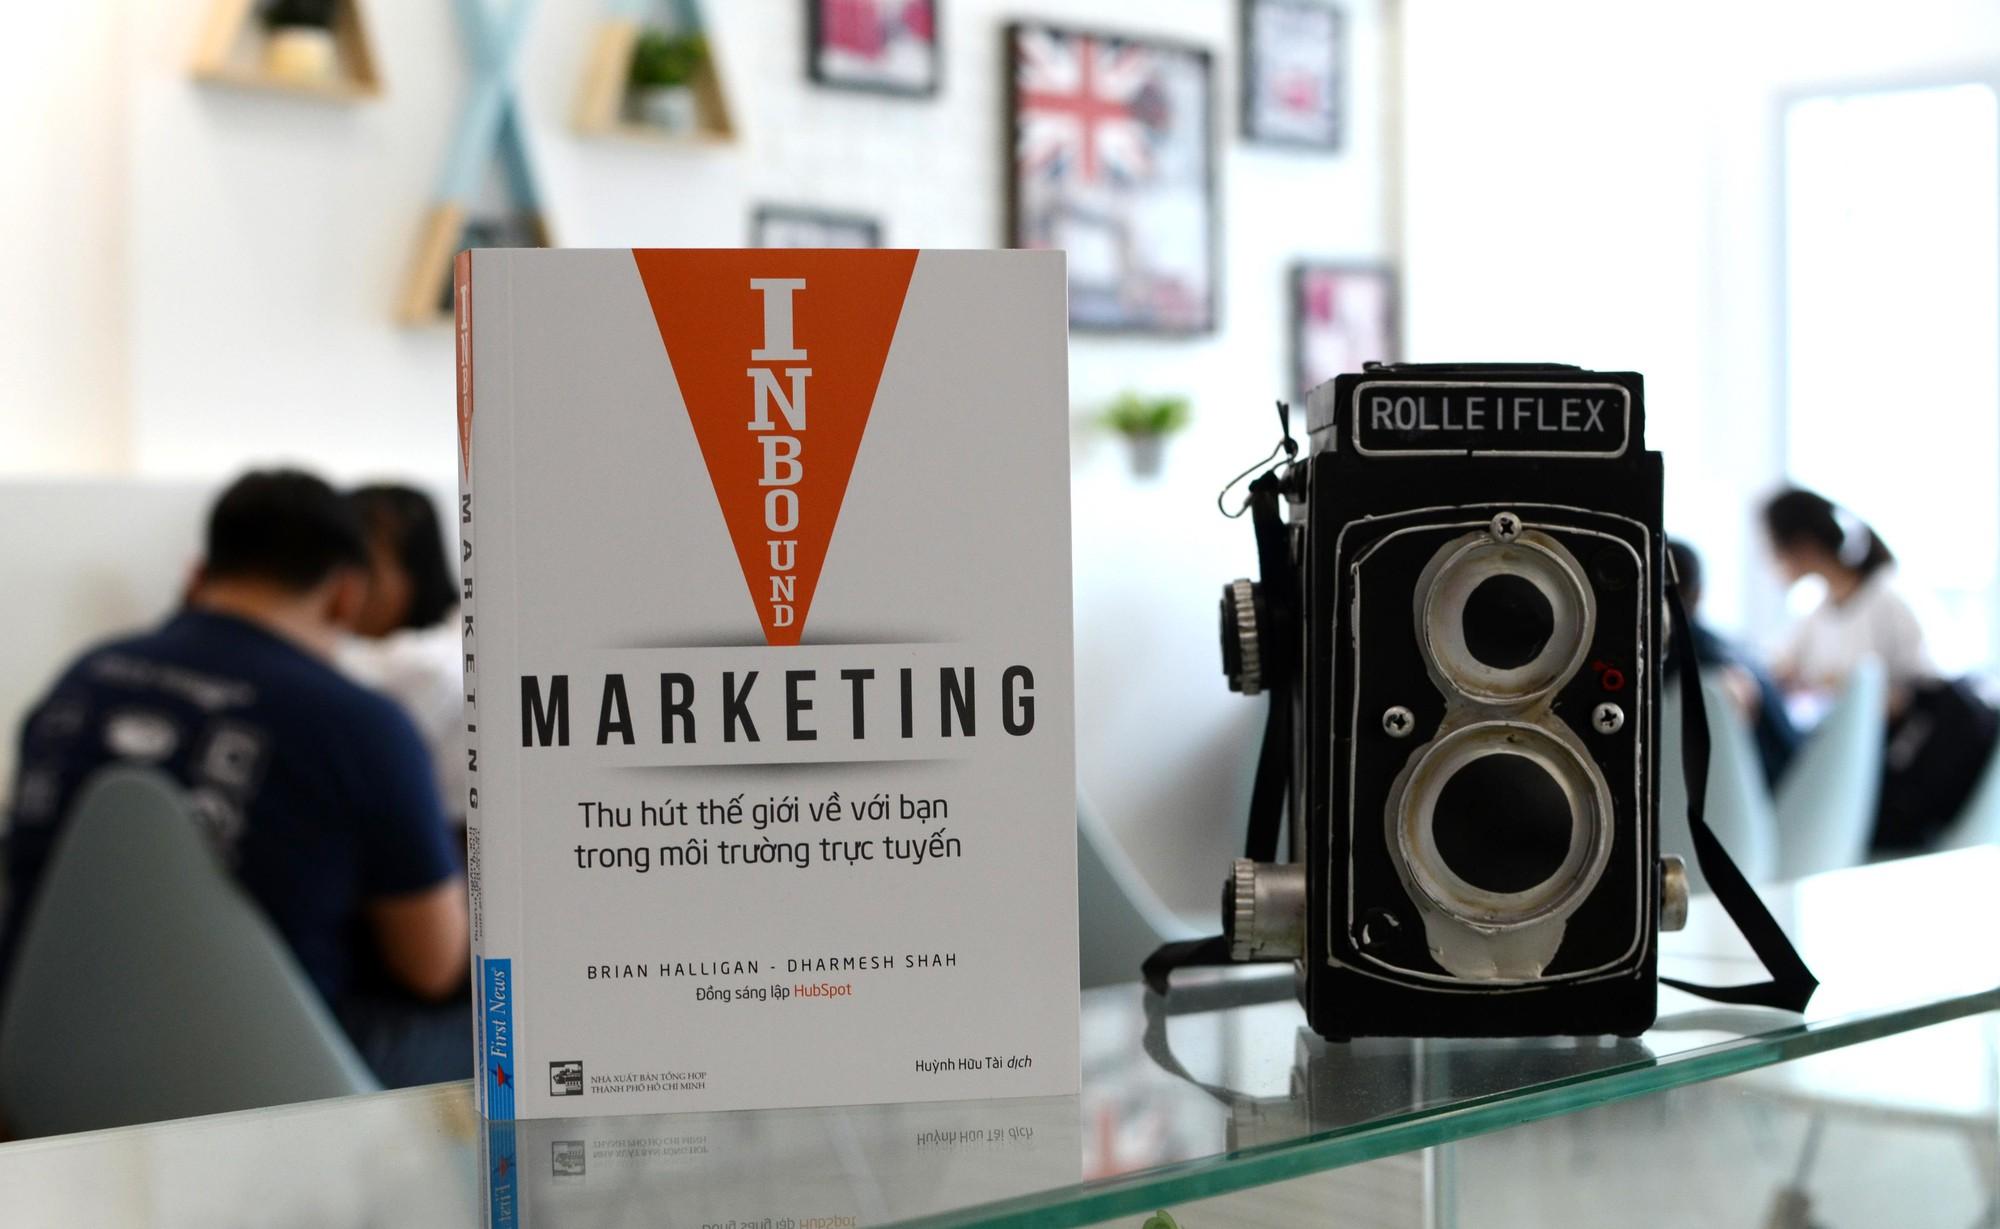 """inbound marketing - imgpshfullsizeanim 15555620283372109983712 - Inbound Marketing – Nghệ thuật """"thôi miên"""" khách hàng"""